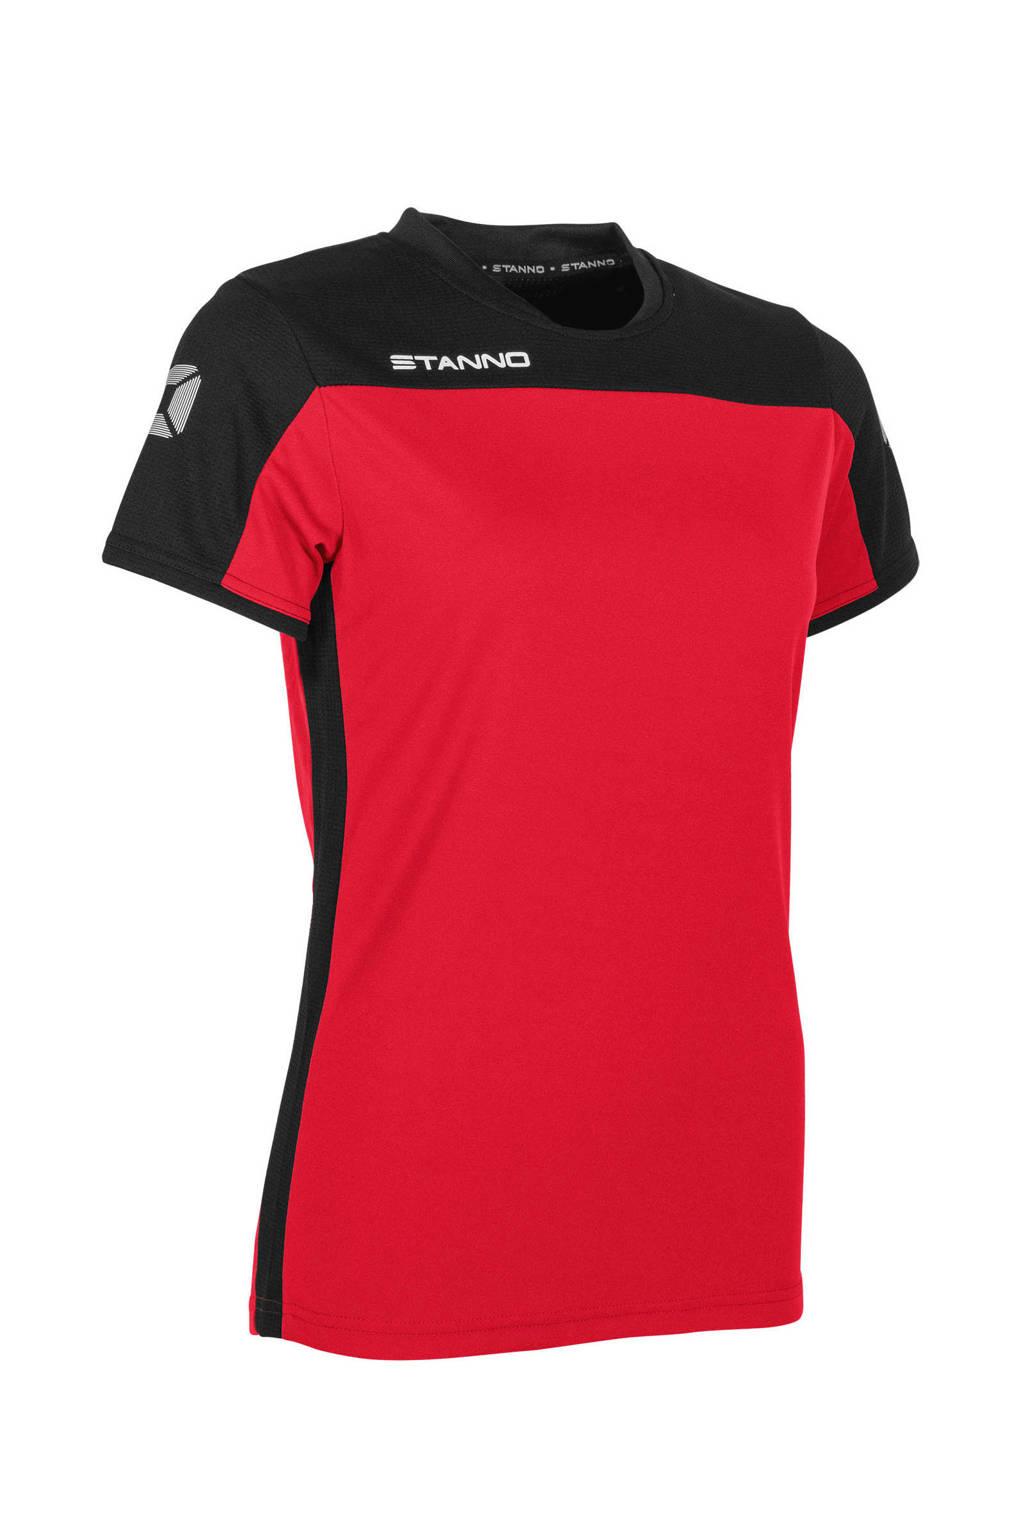 Stanno sport T-shirt rood/zwart, Rood/zwart